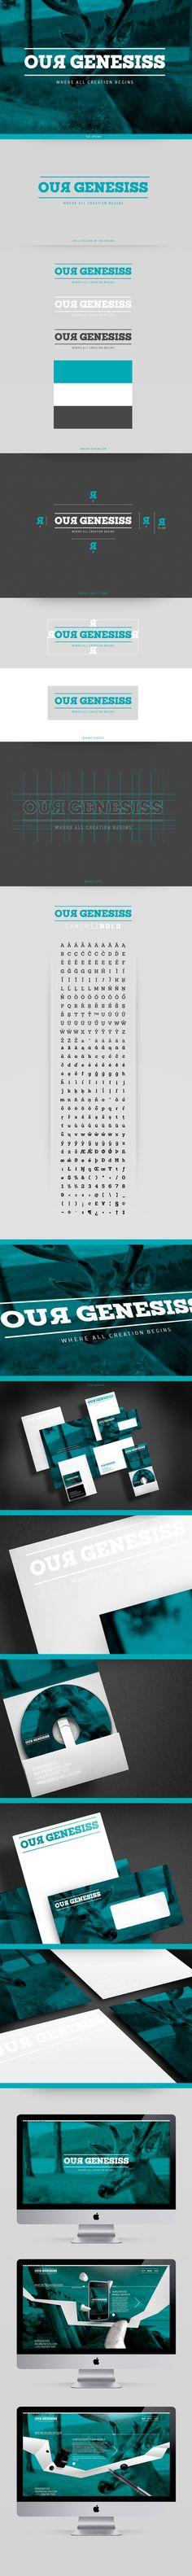 OUR GENESISS by João Alberto, via Behance